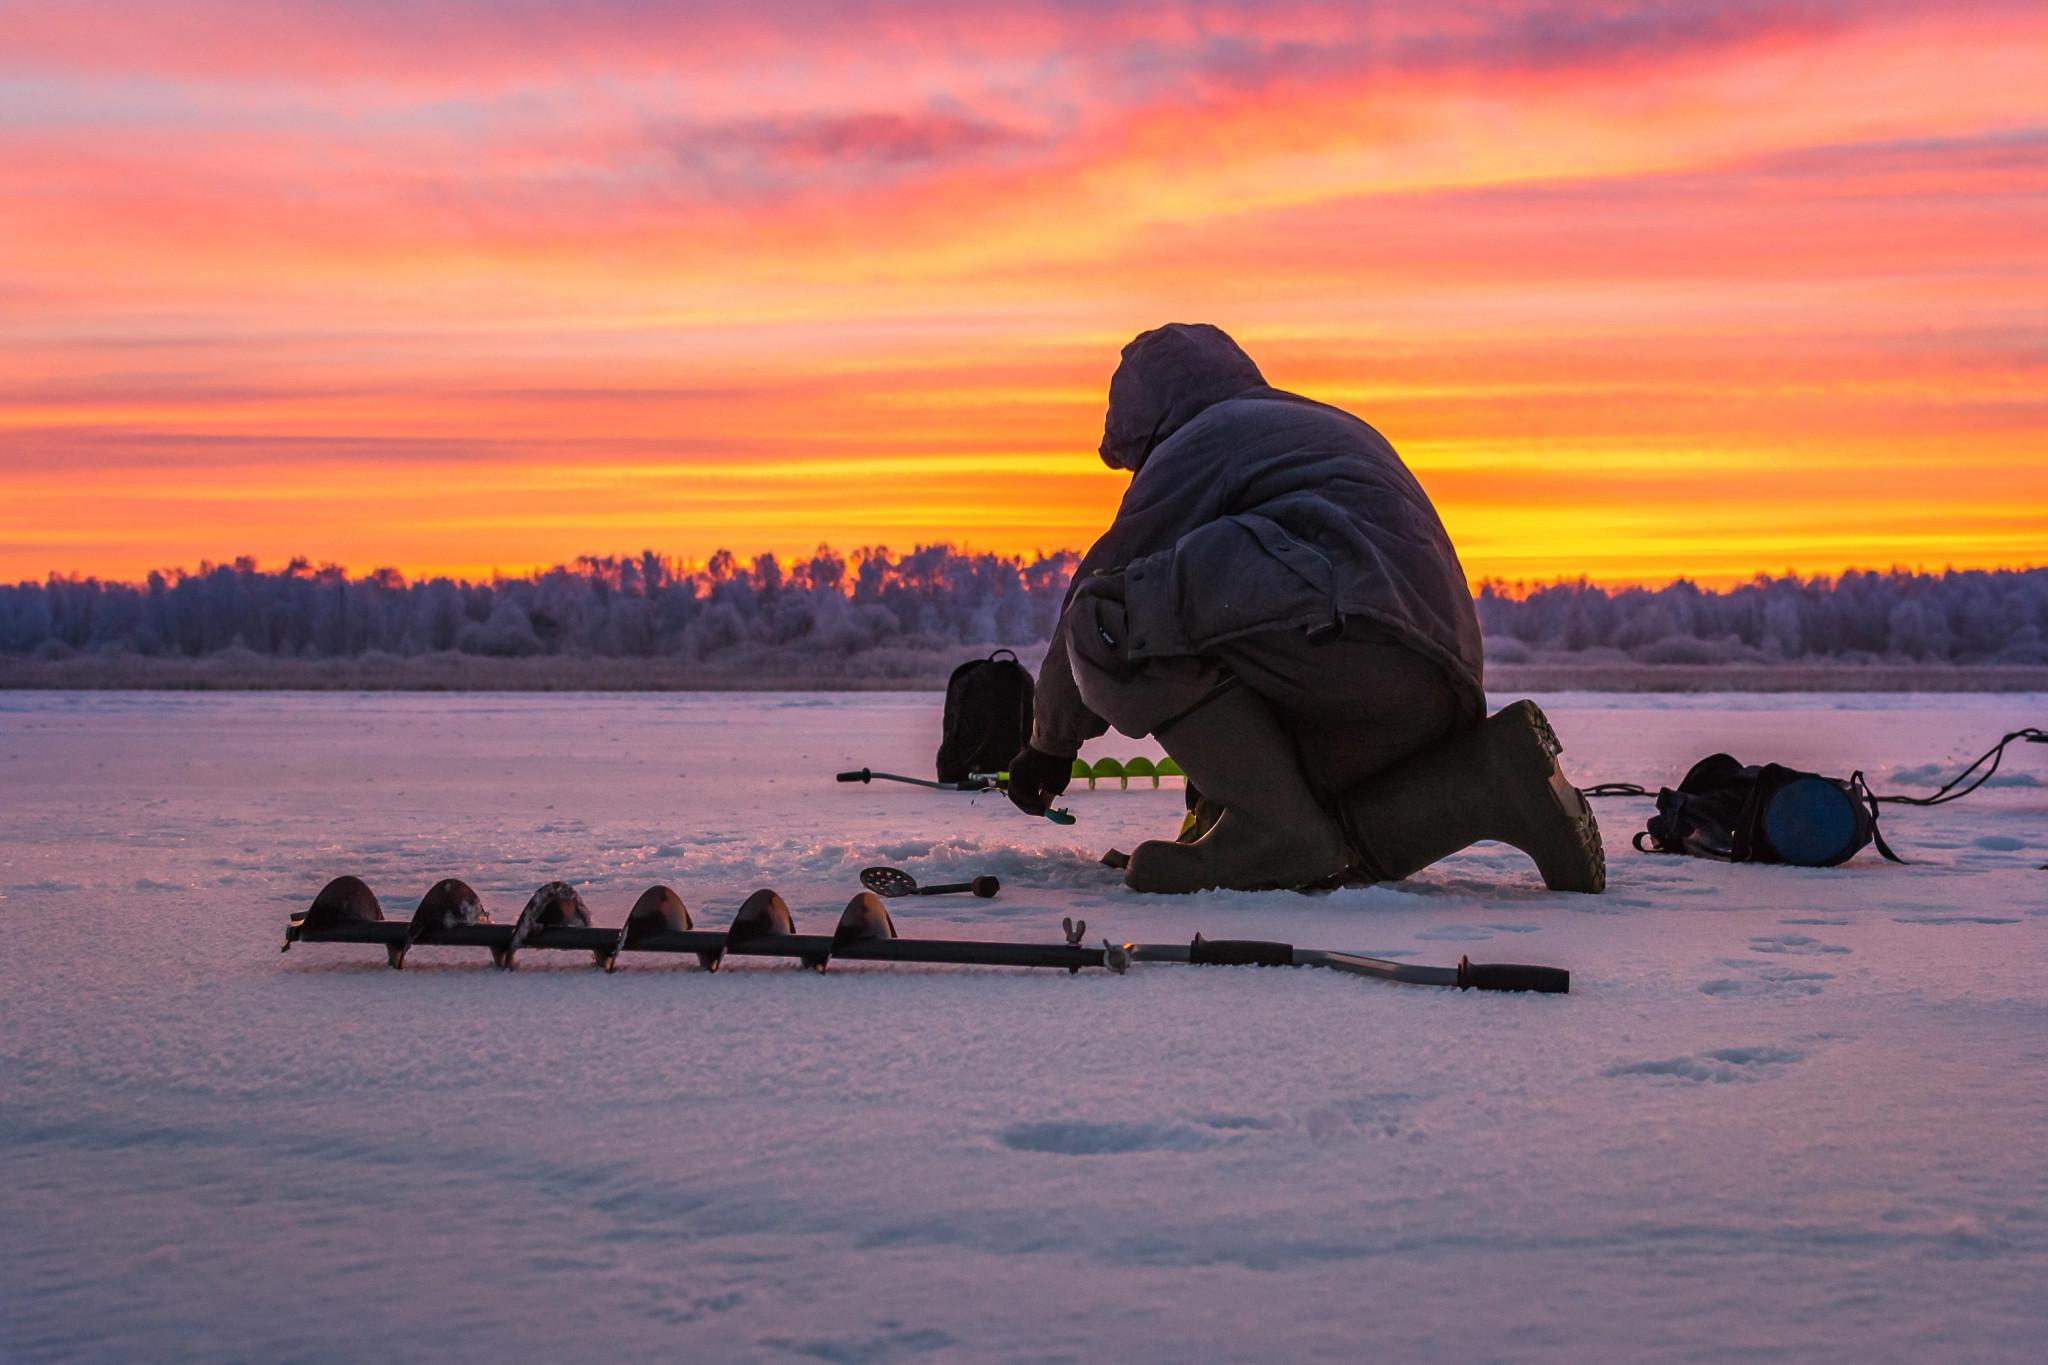 ice fisherman on frozen lake